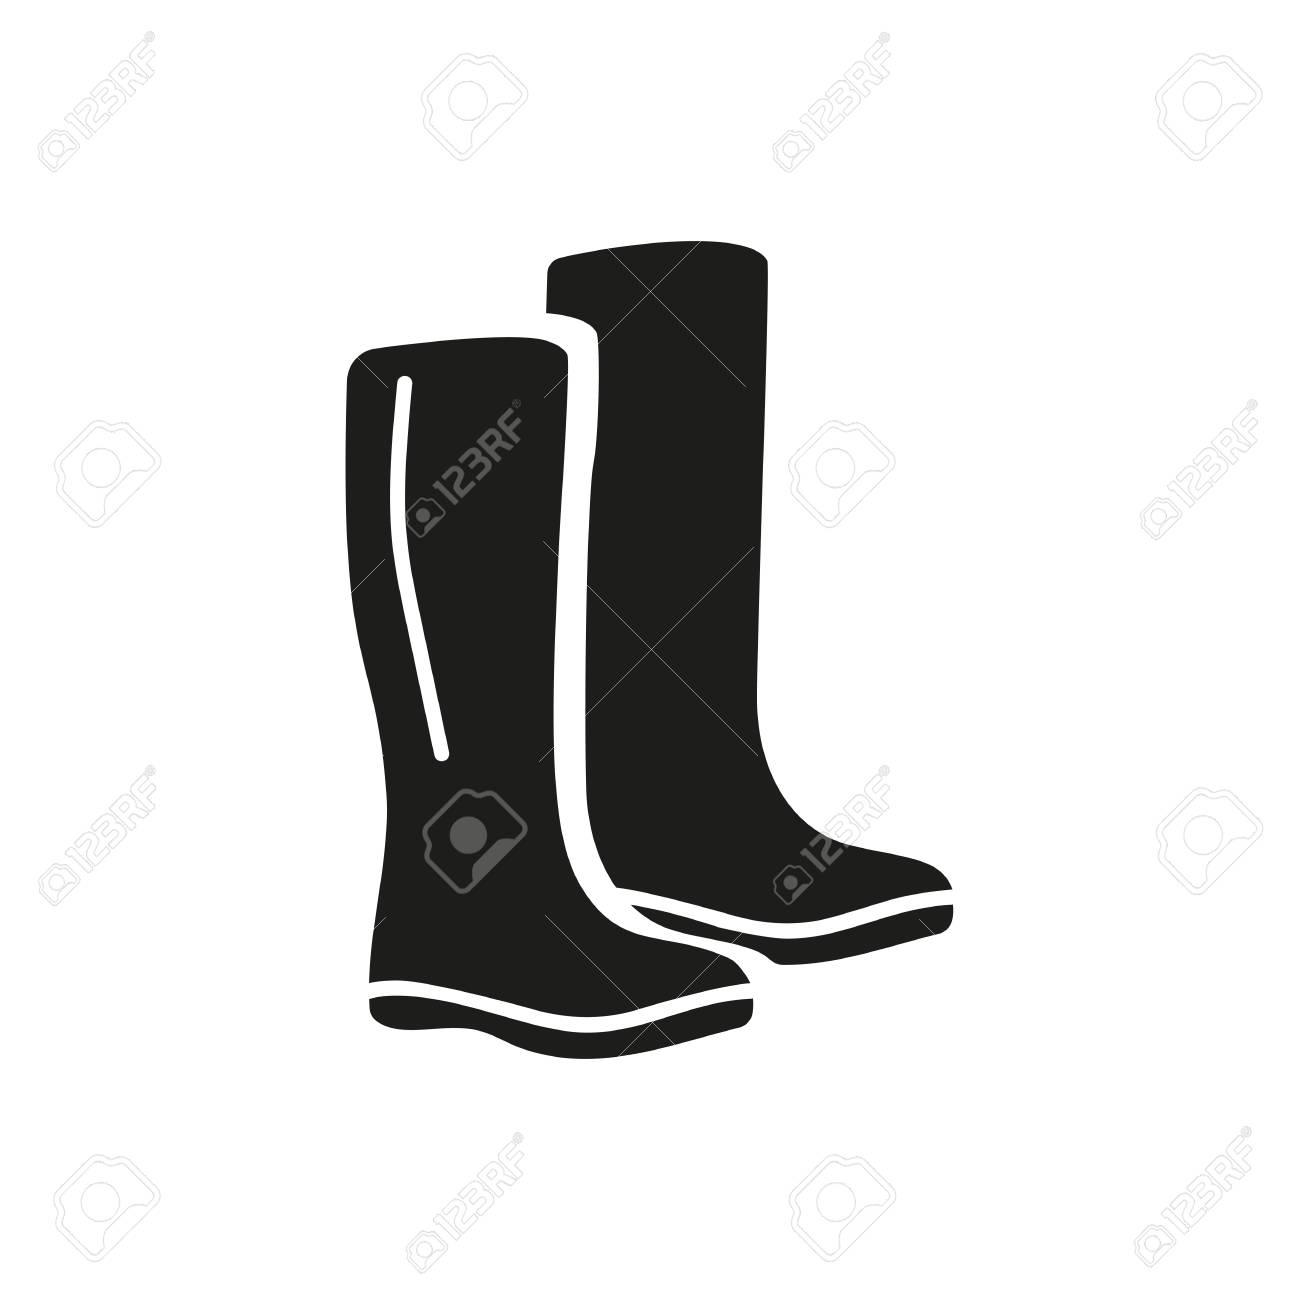 6f0c290d558 Icon of rubber boots. Waterproof, rain footwear, comfort. Season..